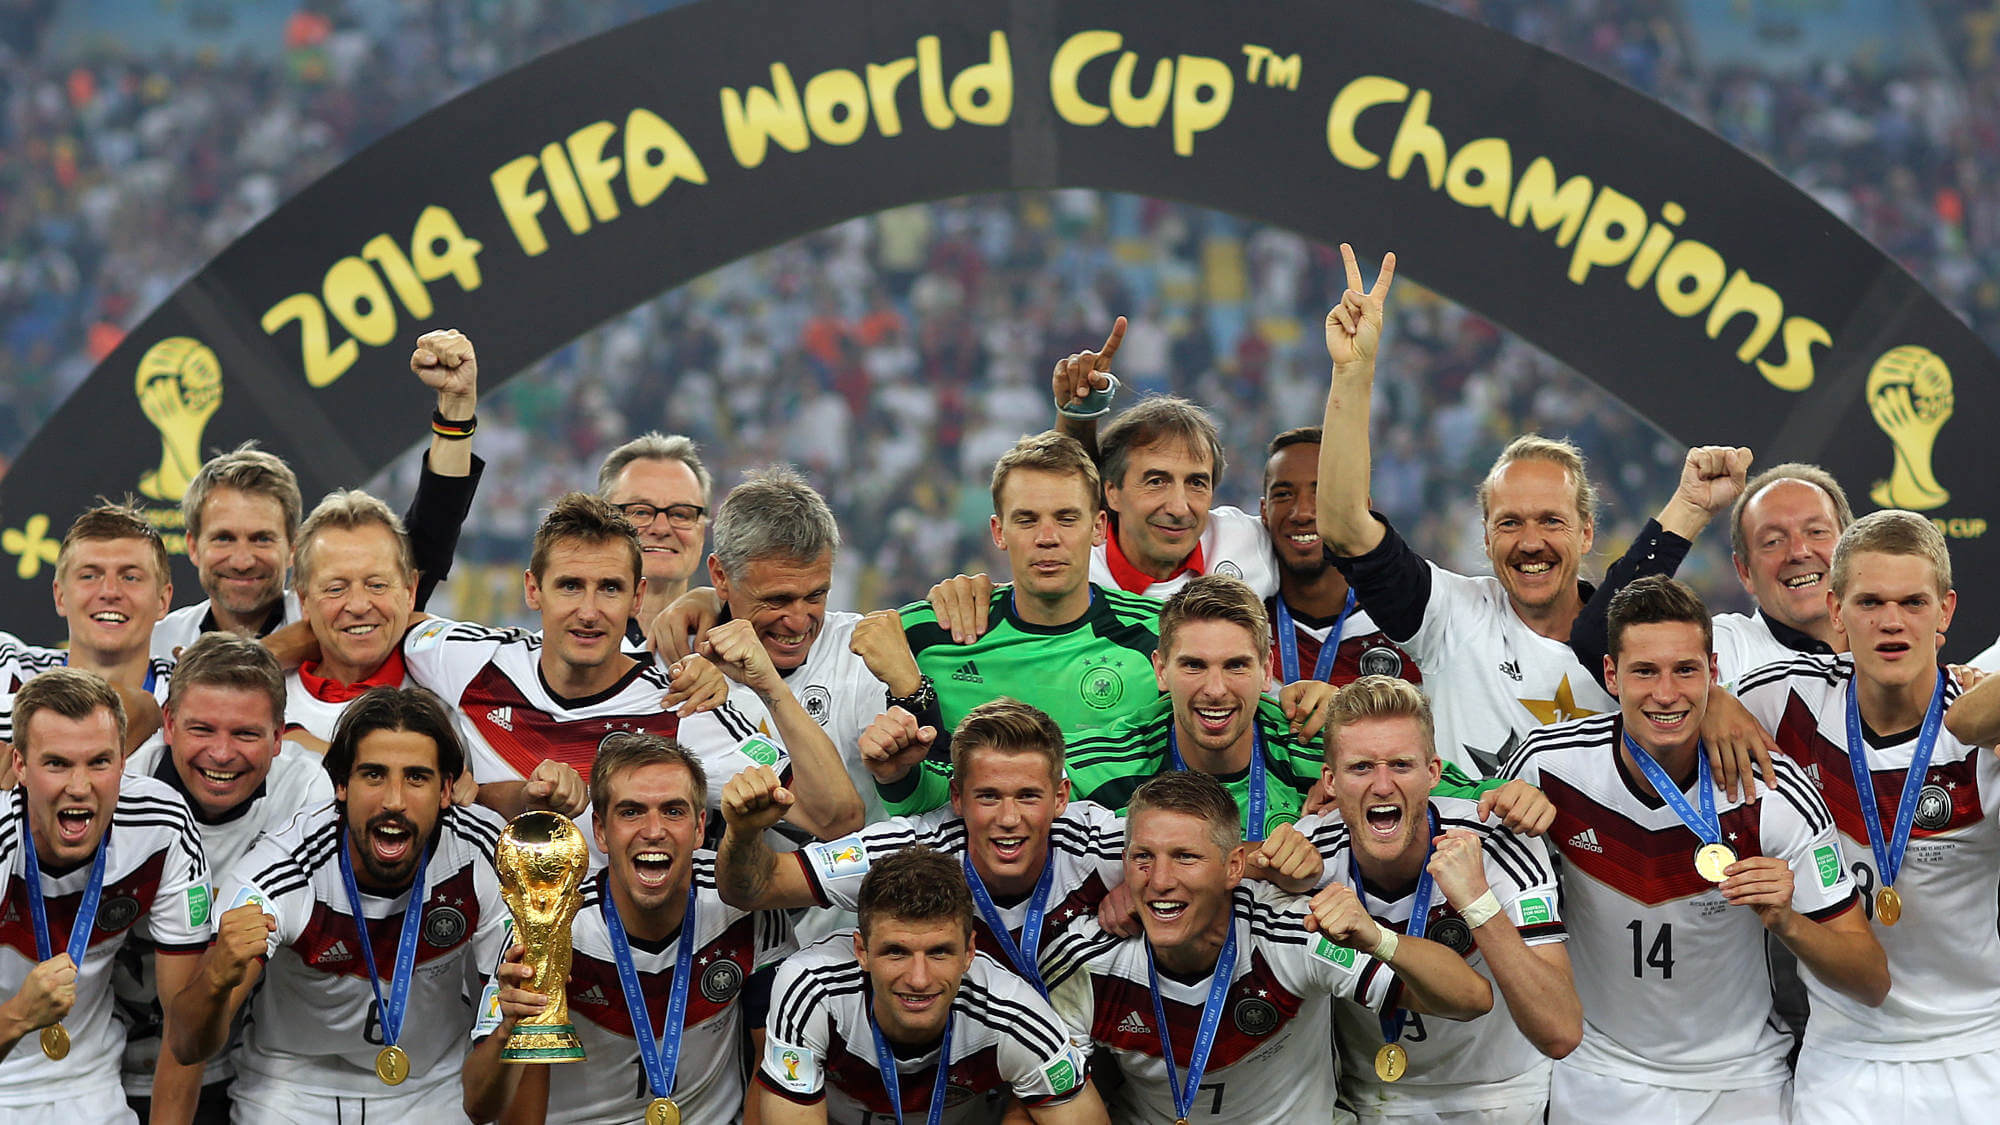 Duitsland Wereld Kampioen Voetbal 2014